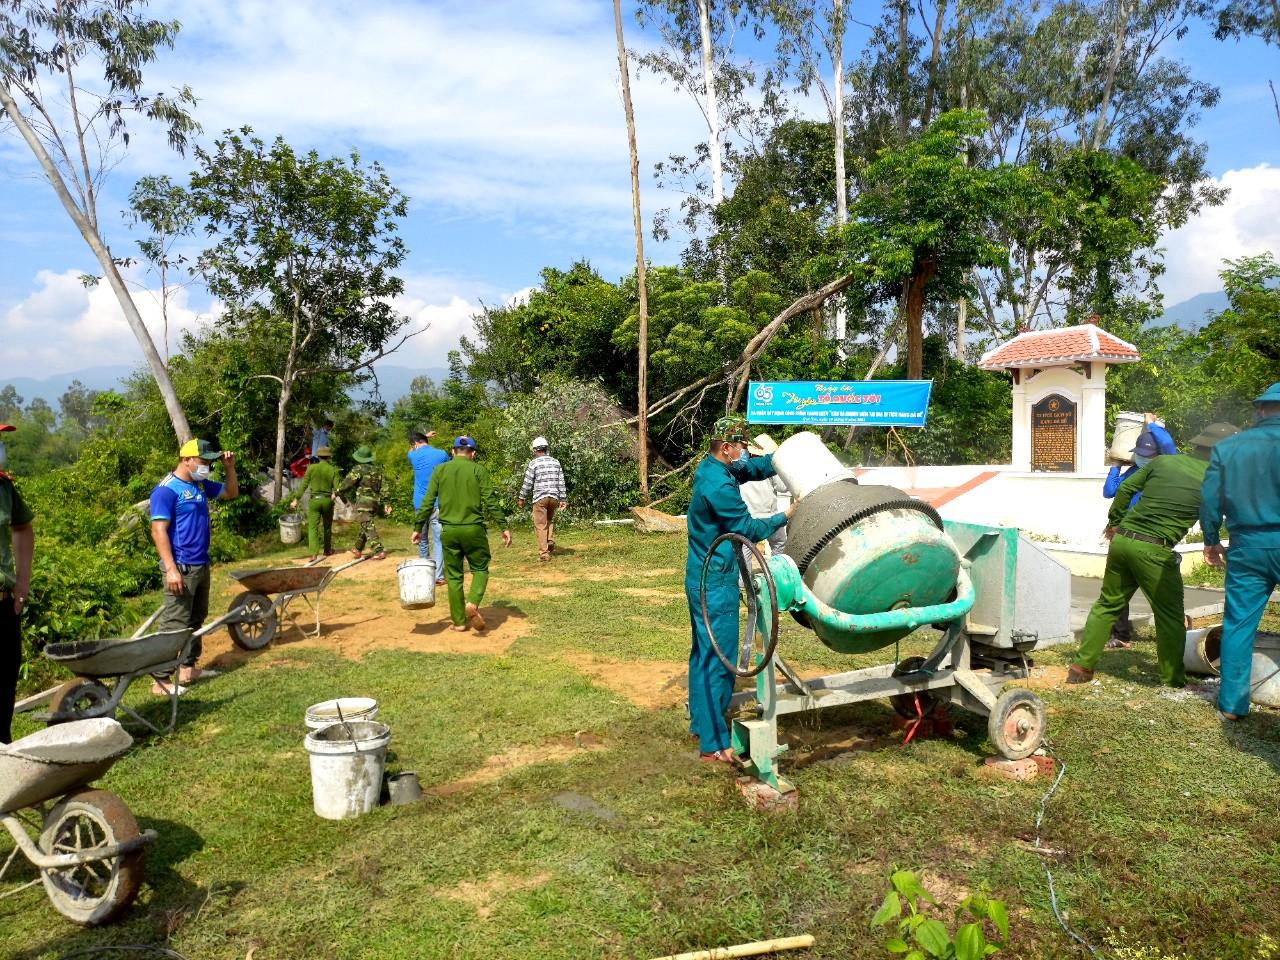 Tuổi trẻ Quế Sơn ra quân xây dựng Công trình Thanh niên cấp huyện chào mừng kỷ niệm 65 năm Ngày truyền thống Hội LHTN Việt Nam